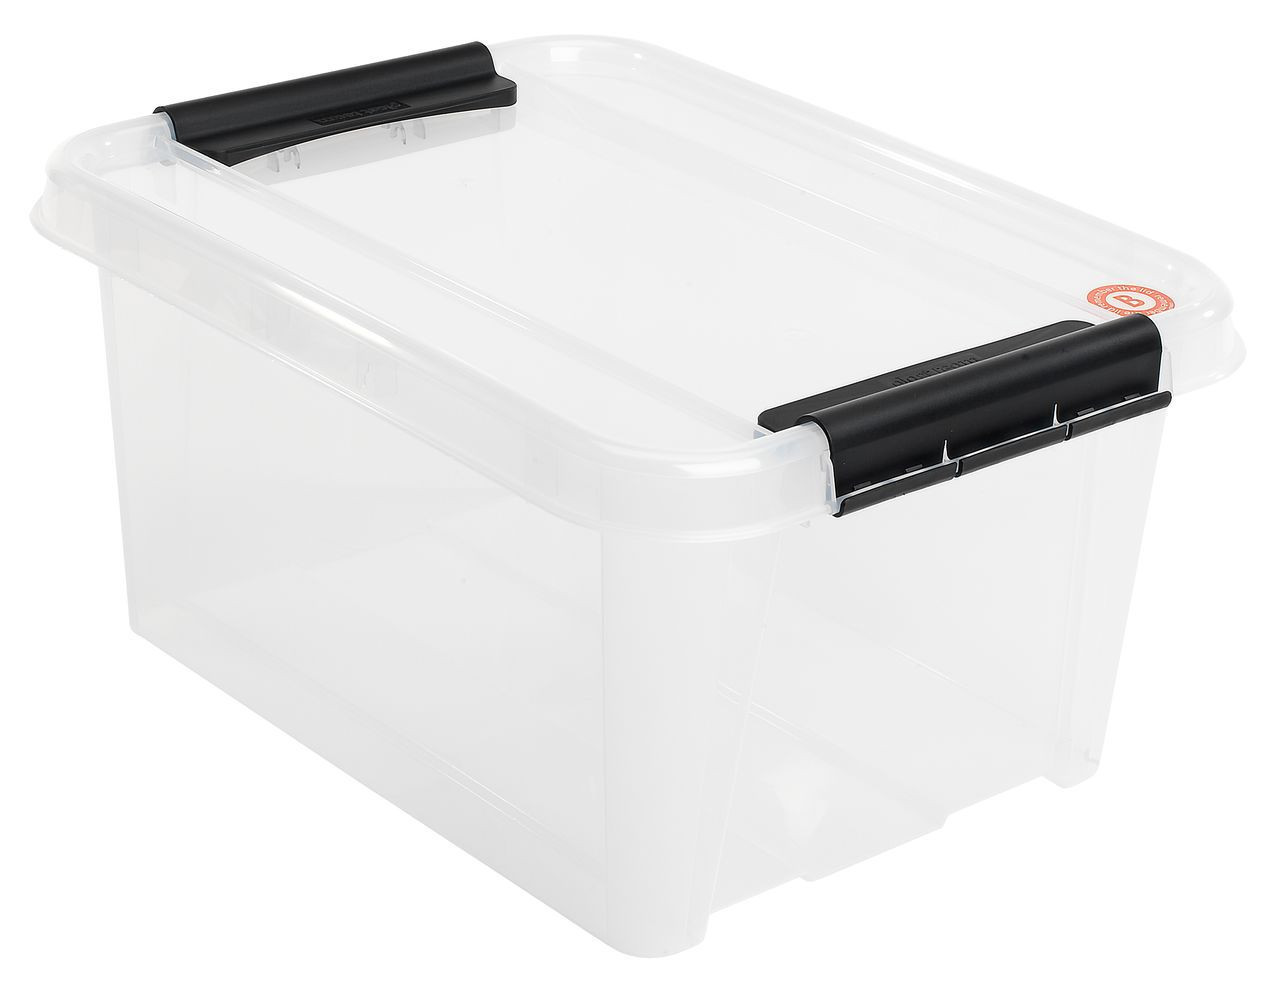 Ящик пластиковый белый прозрачный для хранения 32 л. с крышкой